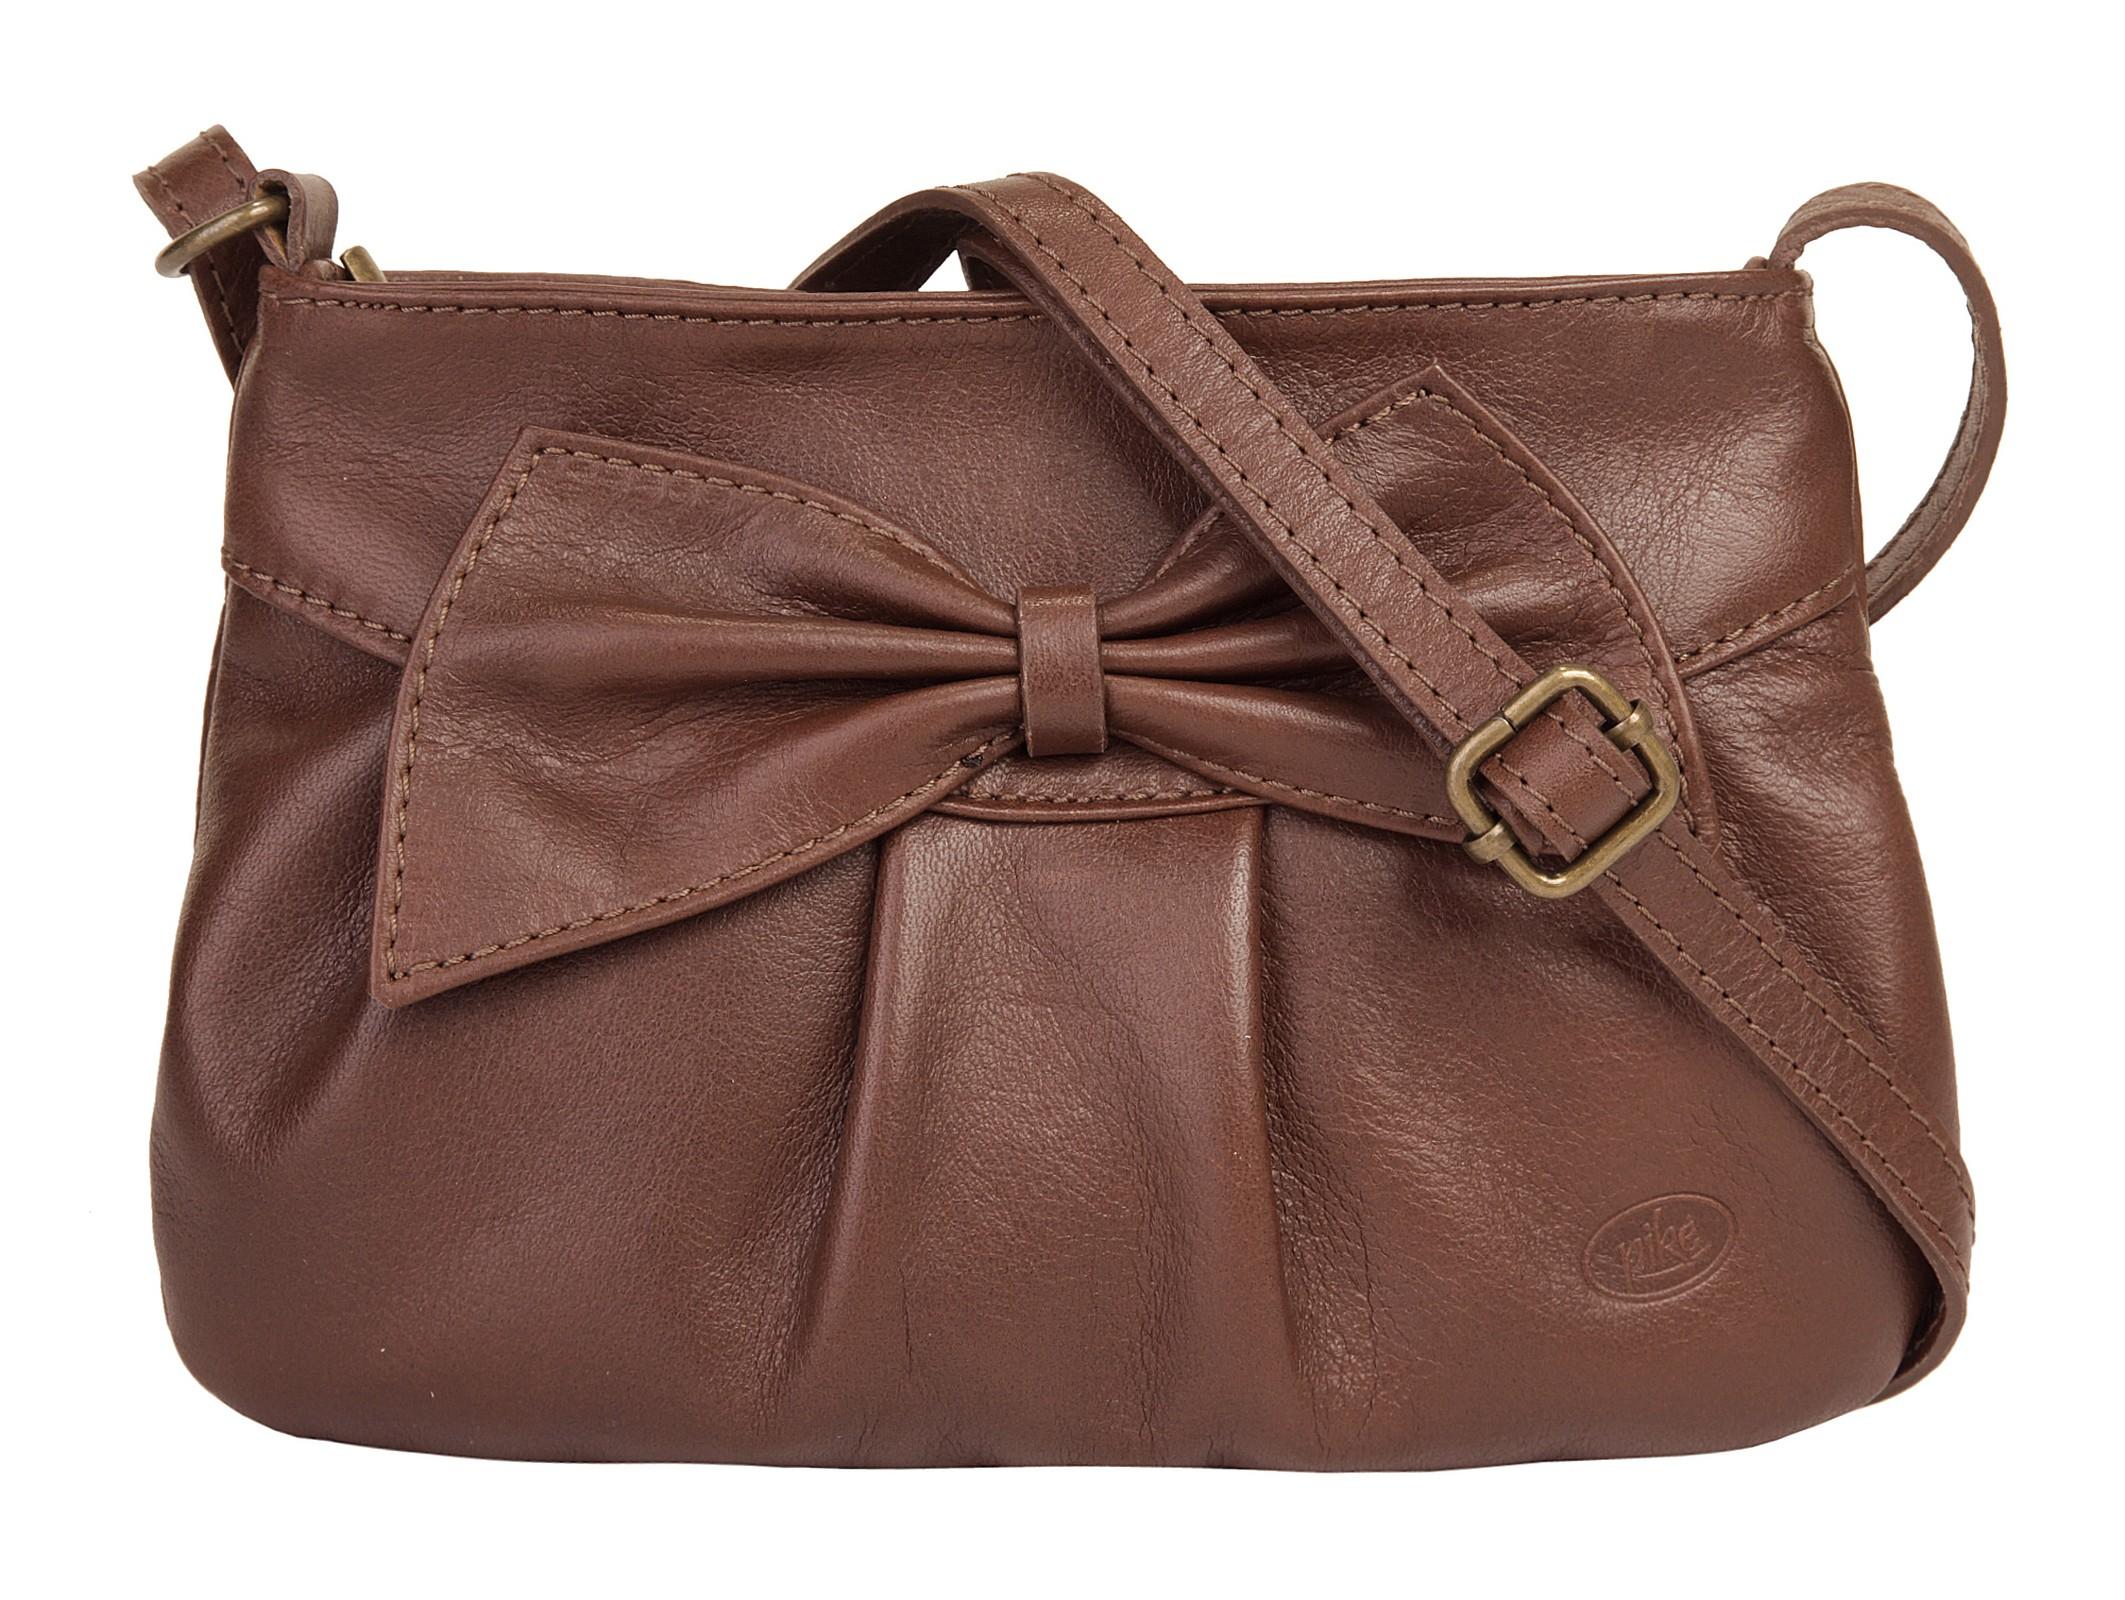 Piké Abendtasche | Taschen > Handtaschen > Abendtaschen | Braun | Leder - Echtleder | Piké